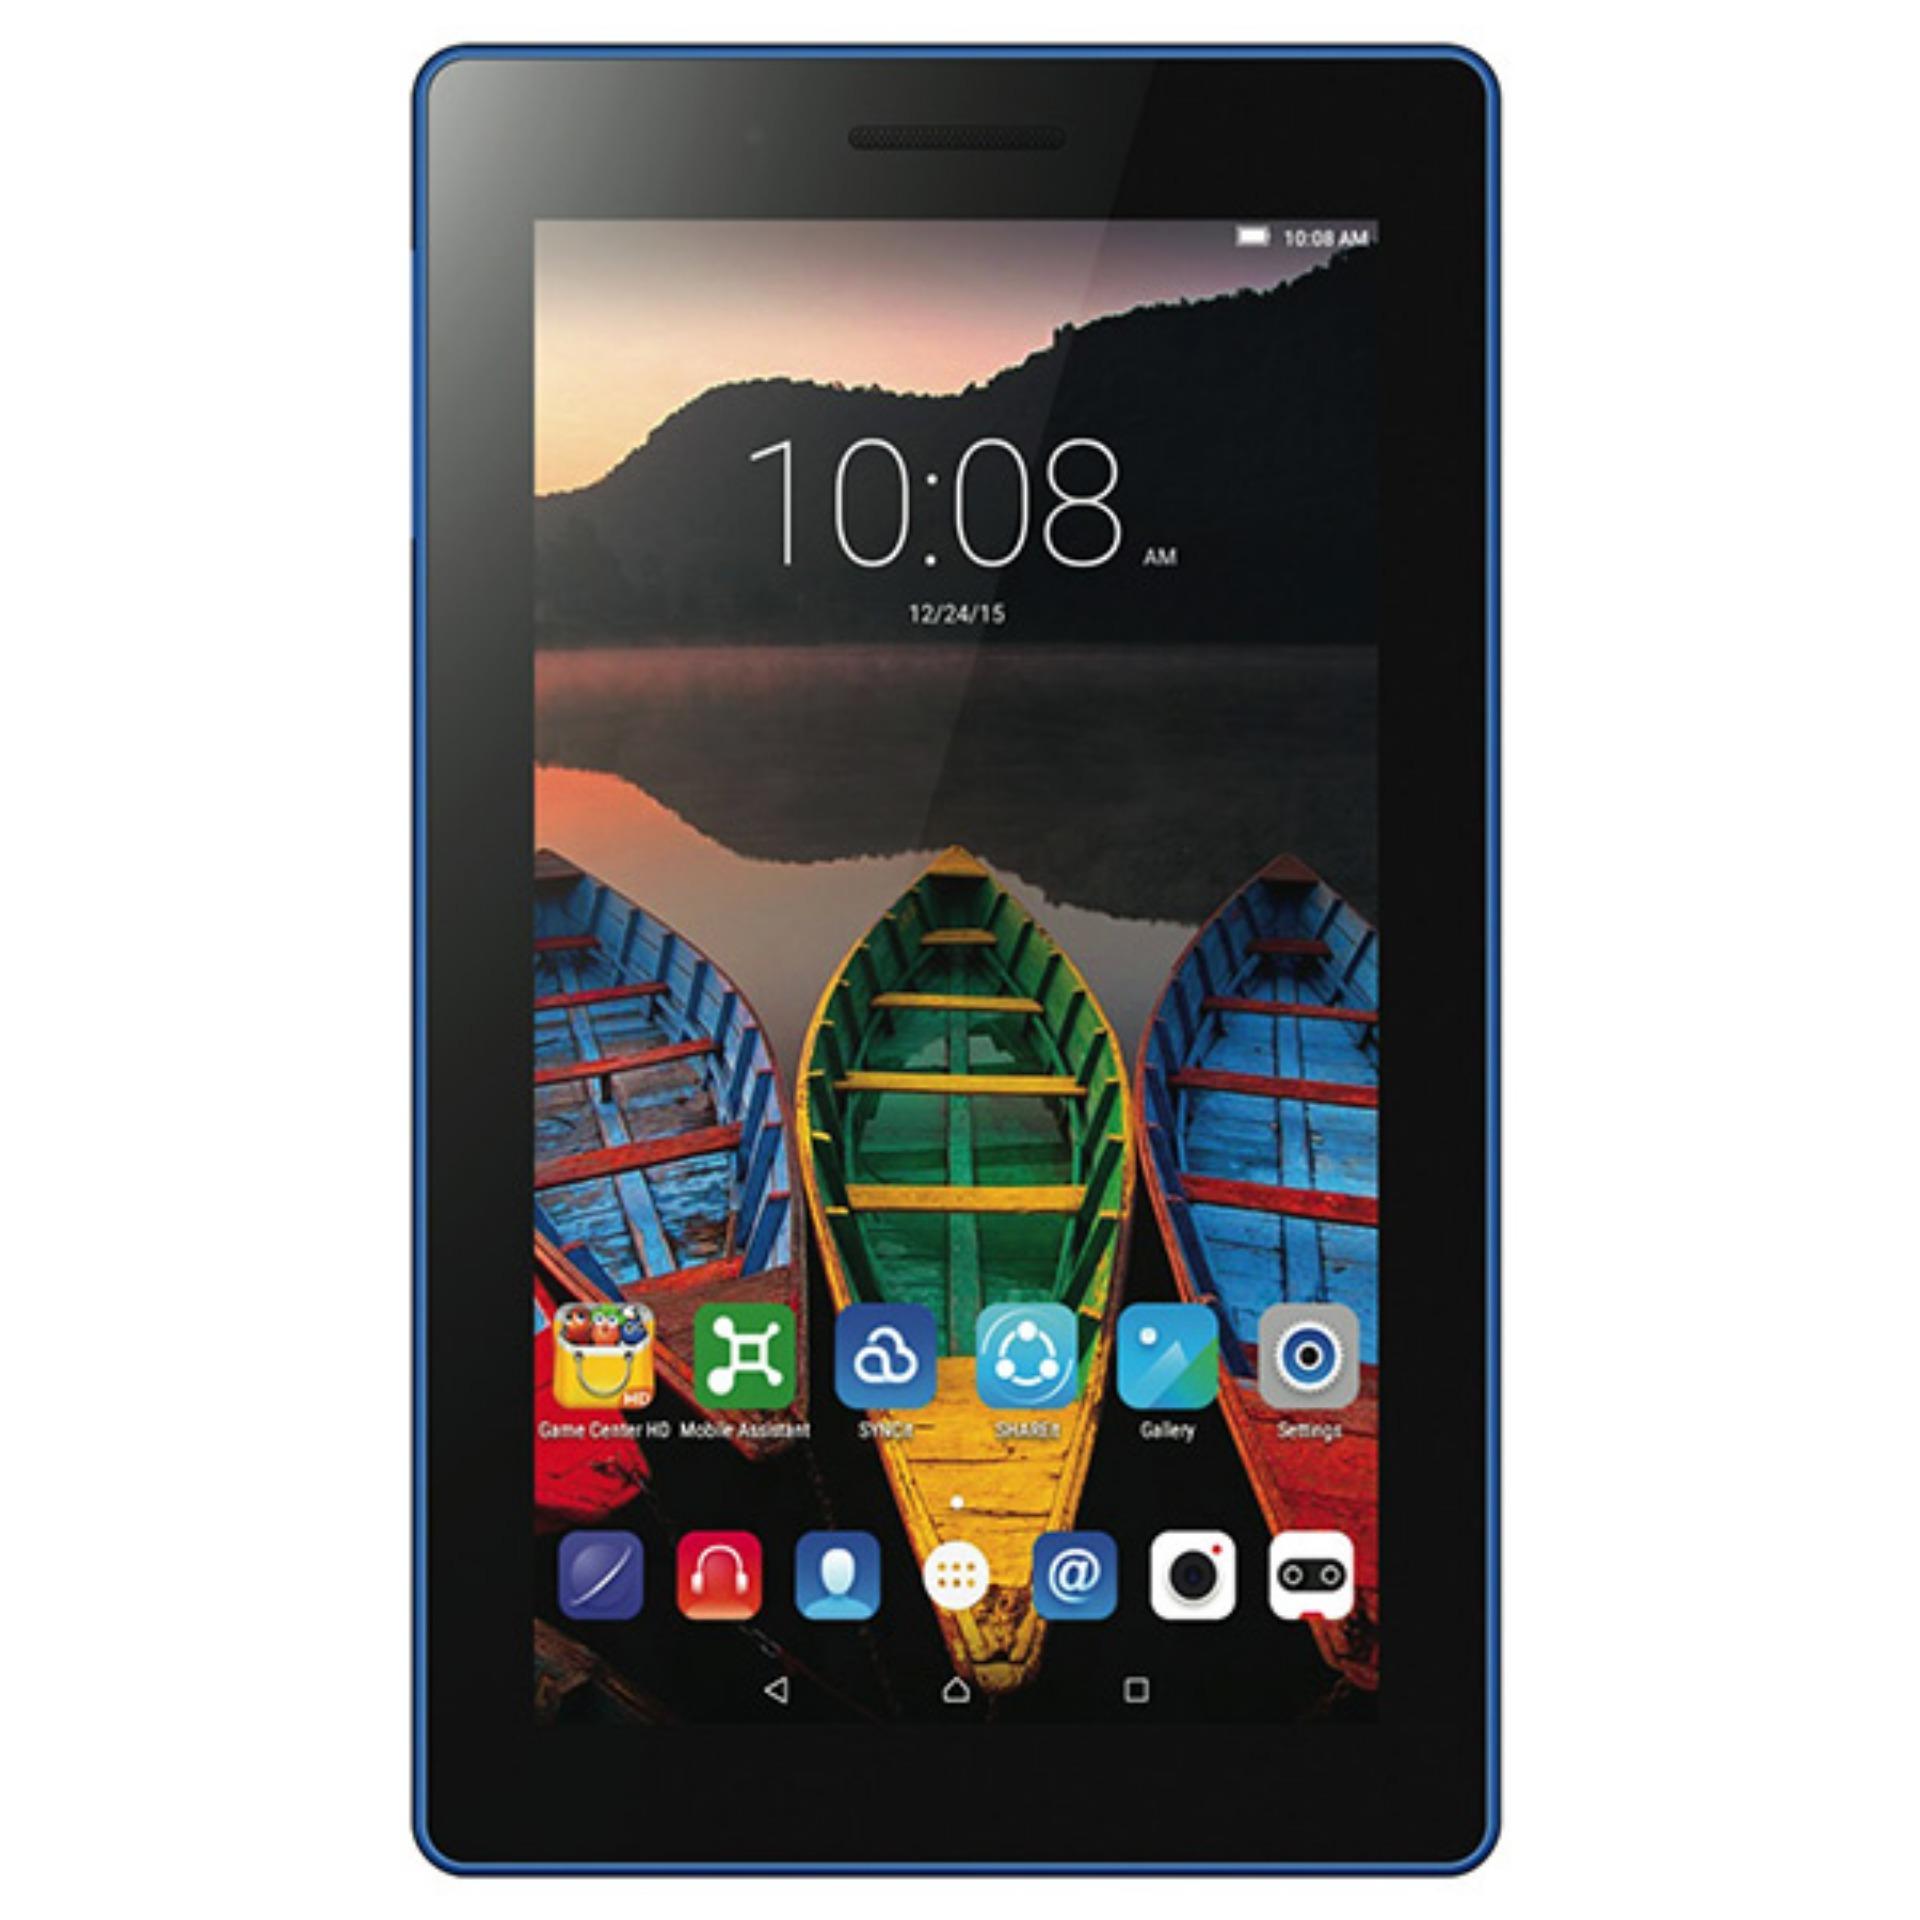 Giá bán Tablet Lenovo Tab 3 Essential – Hãng phân phối chính thức